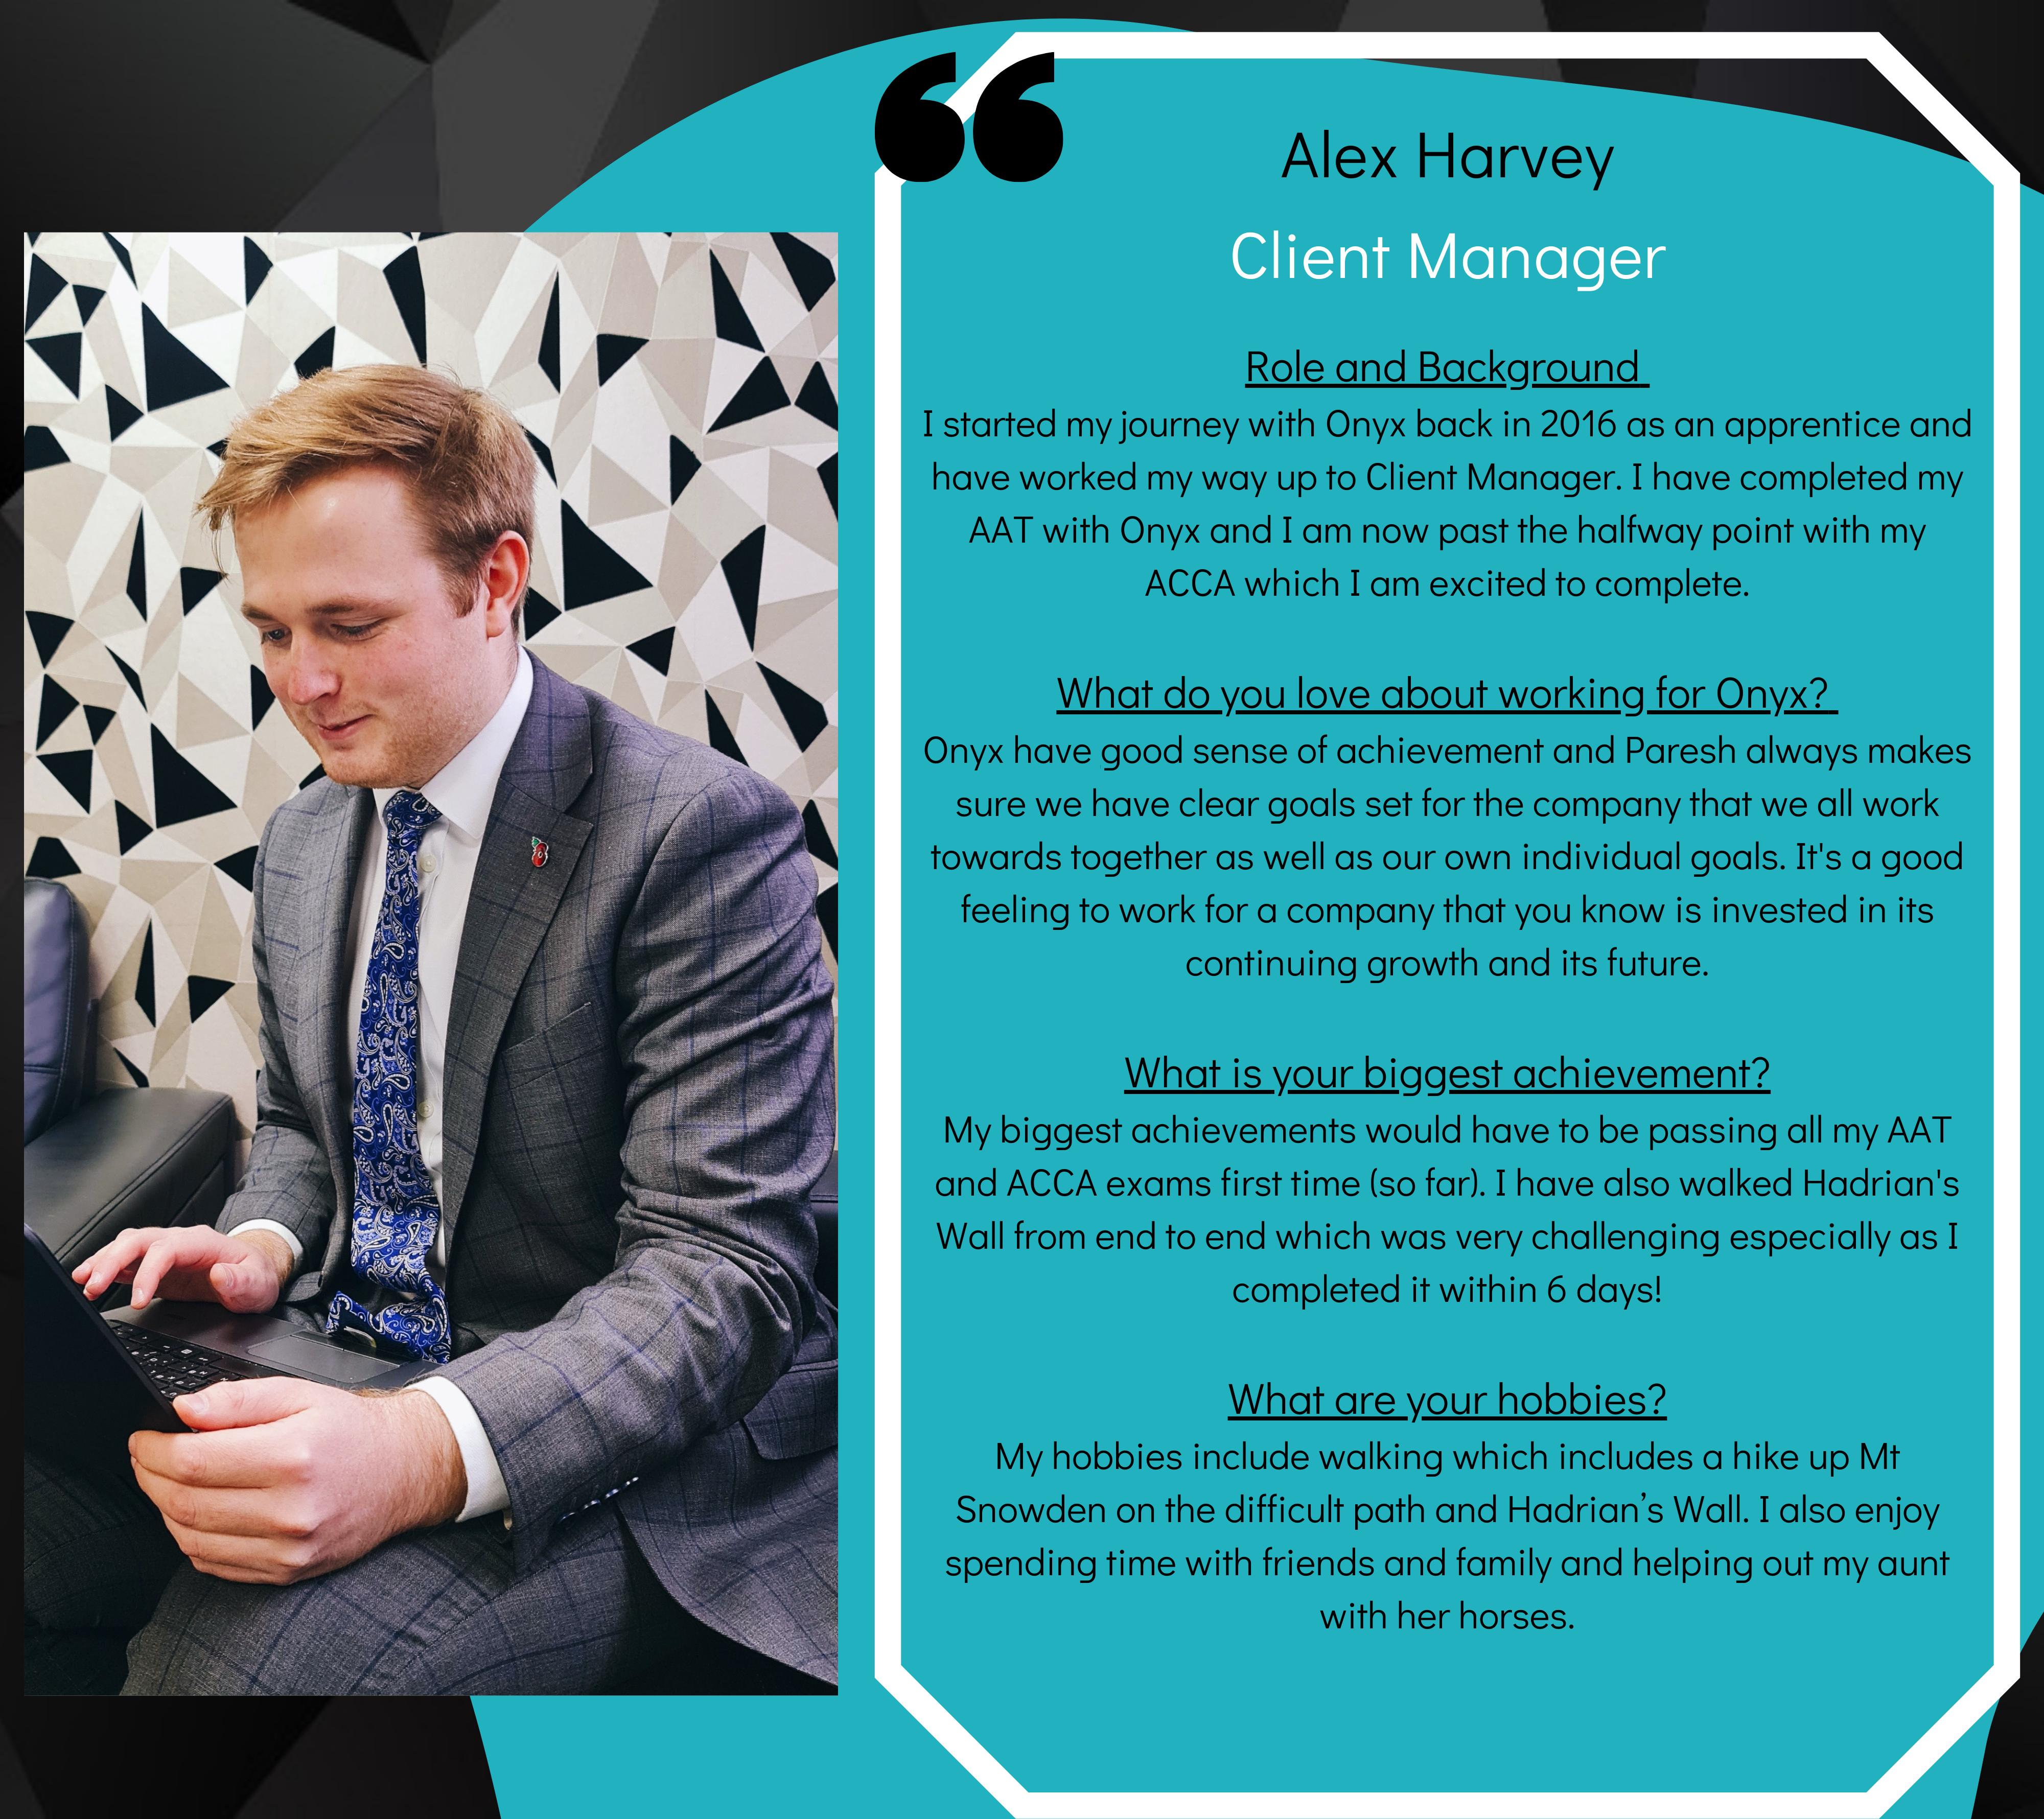 Alex Harvey